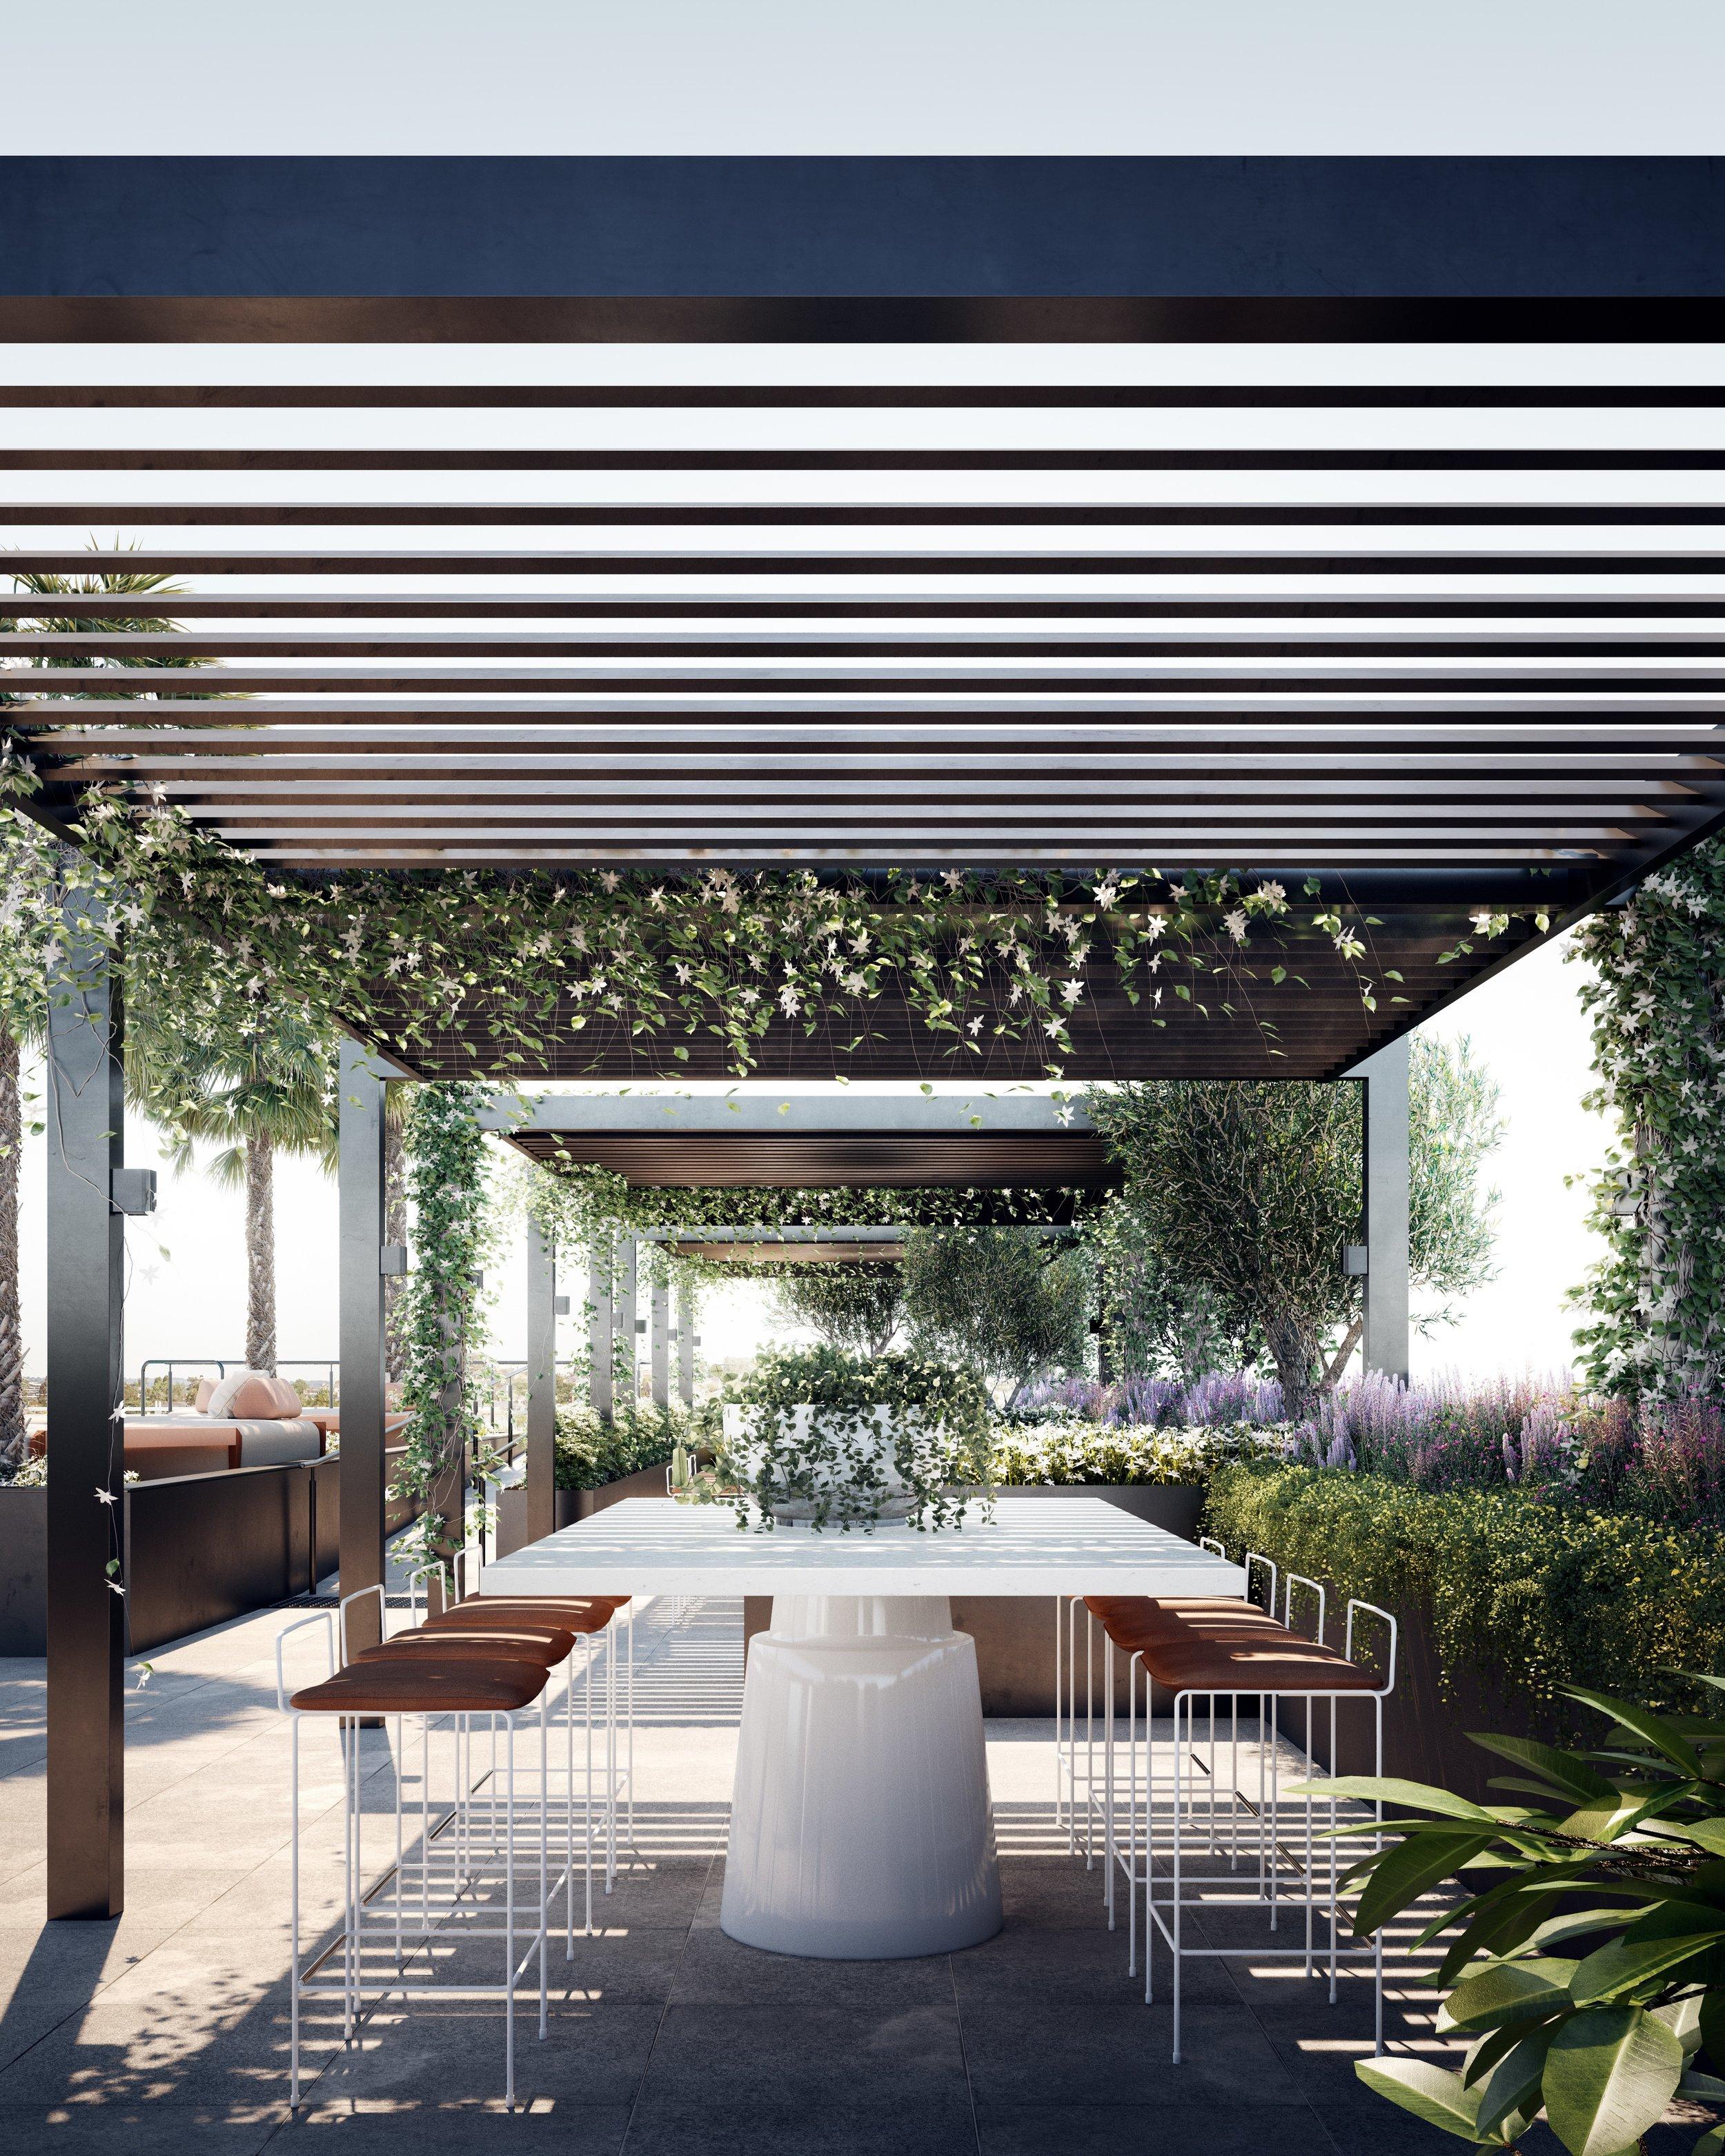 GabrielSaunders_StKildaStreet_PRO-Estate_HeckerGuthrie_Rooftop_03.jpg